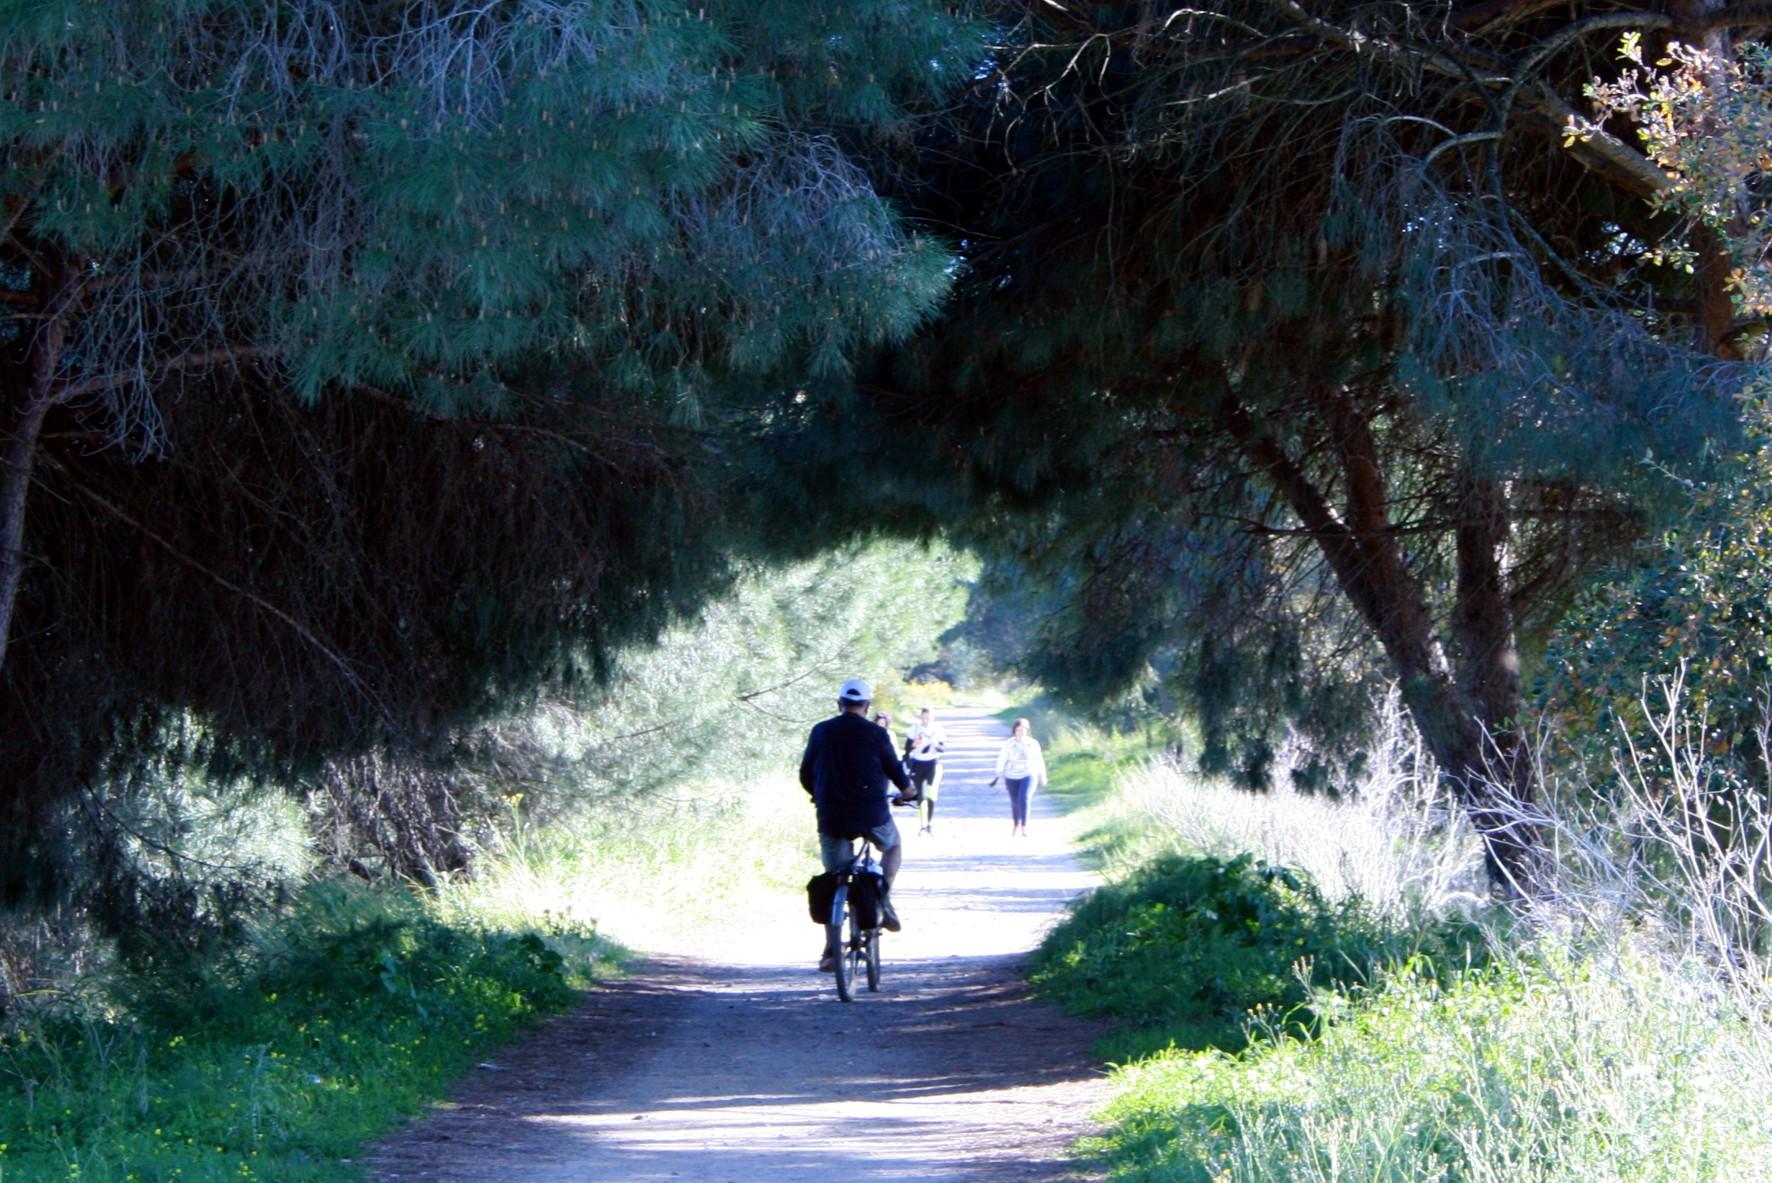 La Junta de Andalucía participa en un proyecto transfronterizo de senderos con Portugal